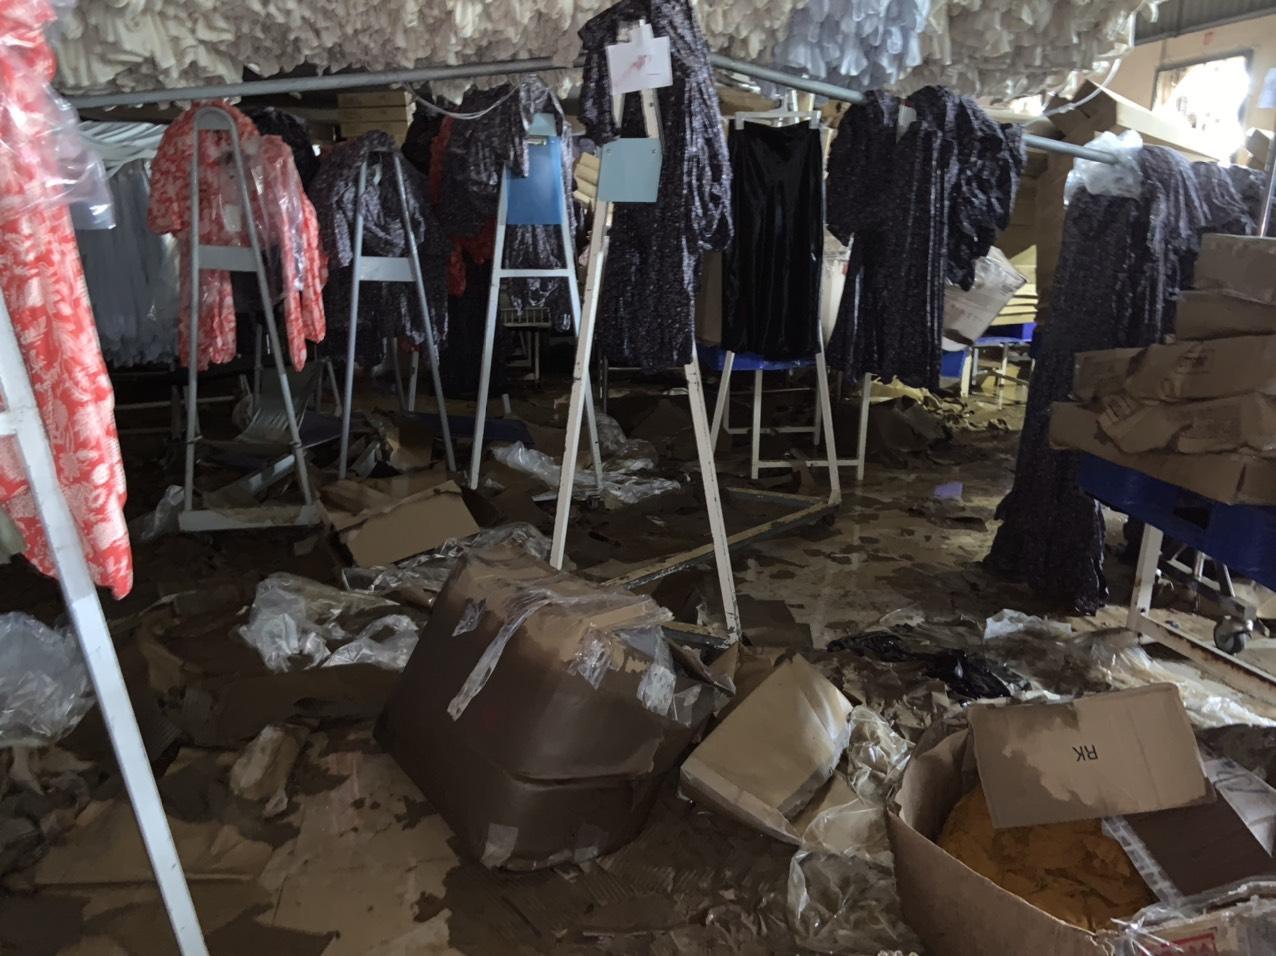 Doanh nghiệp dệt may miền Trung chịu thiệt hại nặng nề từ mưa lũ - Ảnh 3.